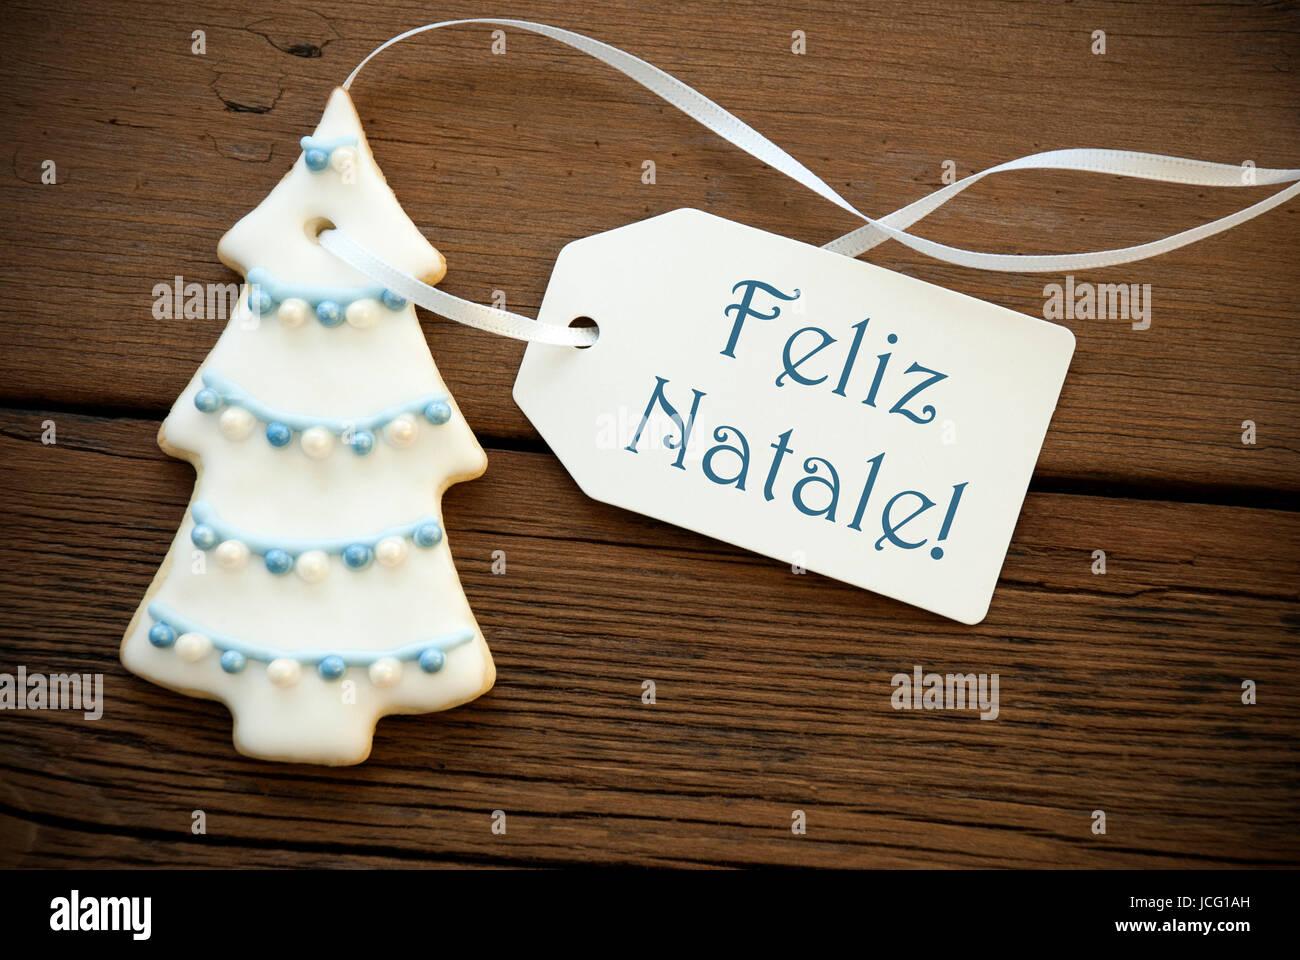 Buon Natale Que Significa.Il Blu Parole Portoghese Feliz Natale Che Significa Buon Natale Su